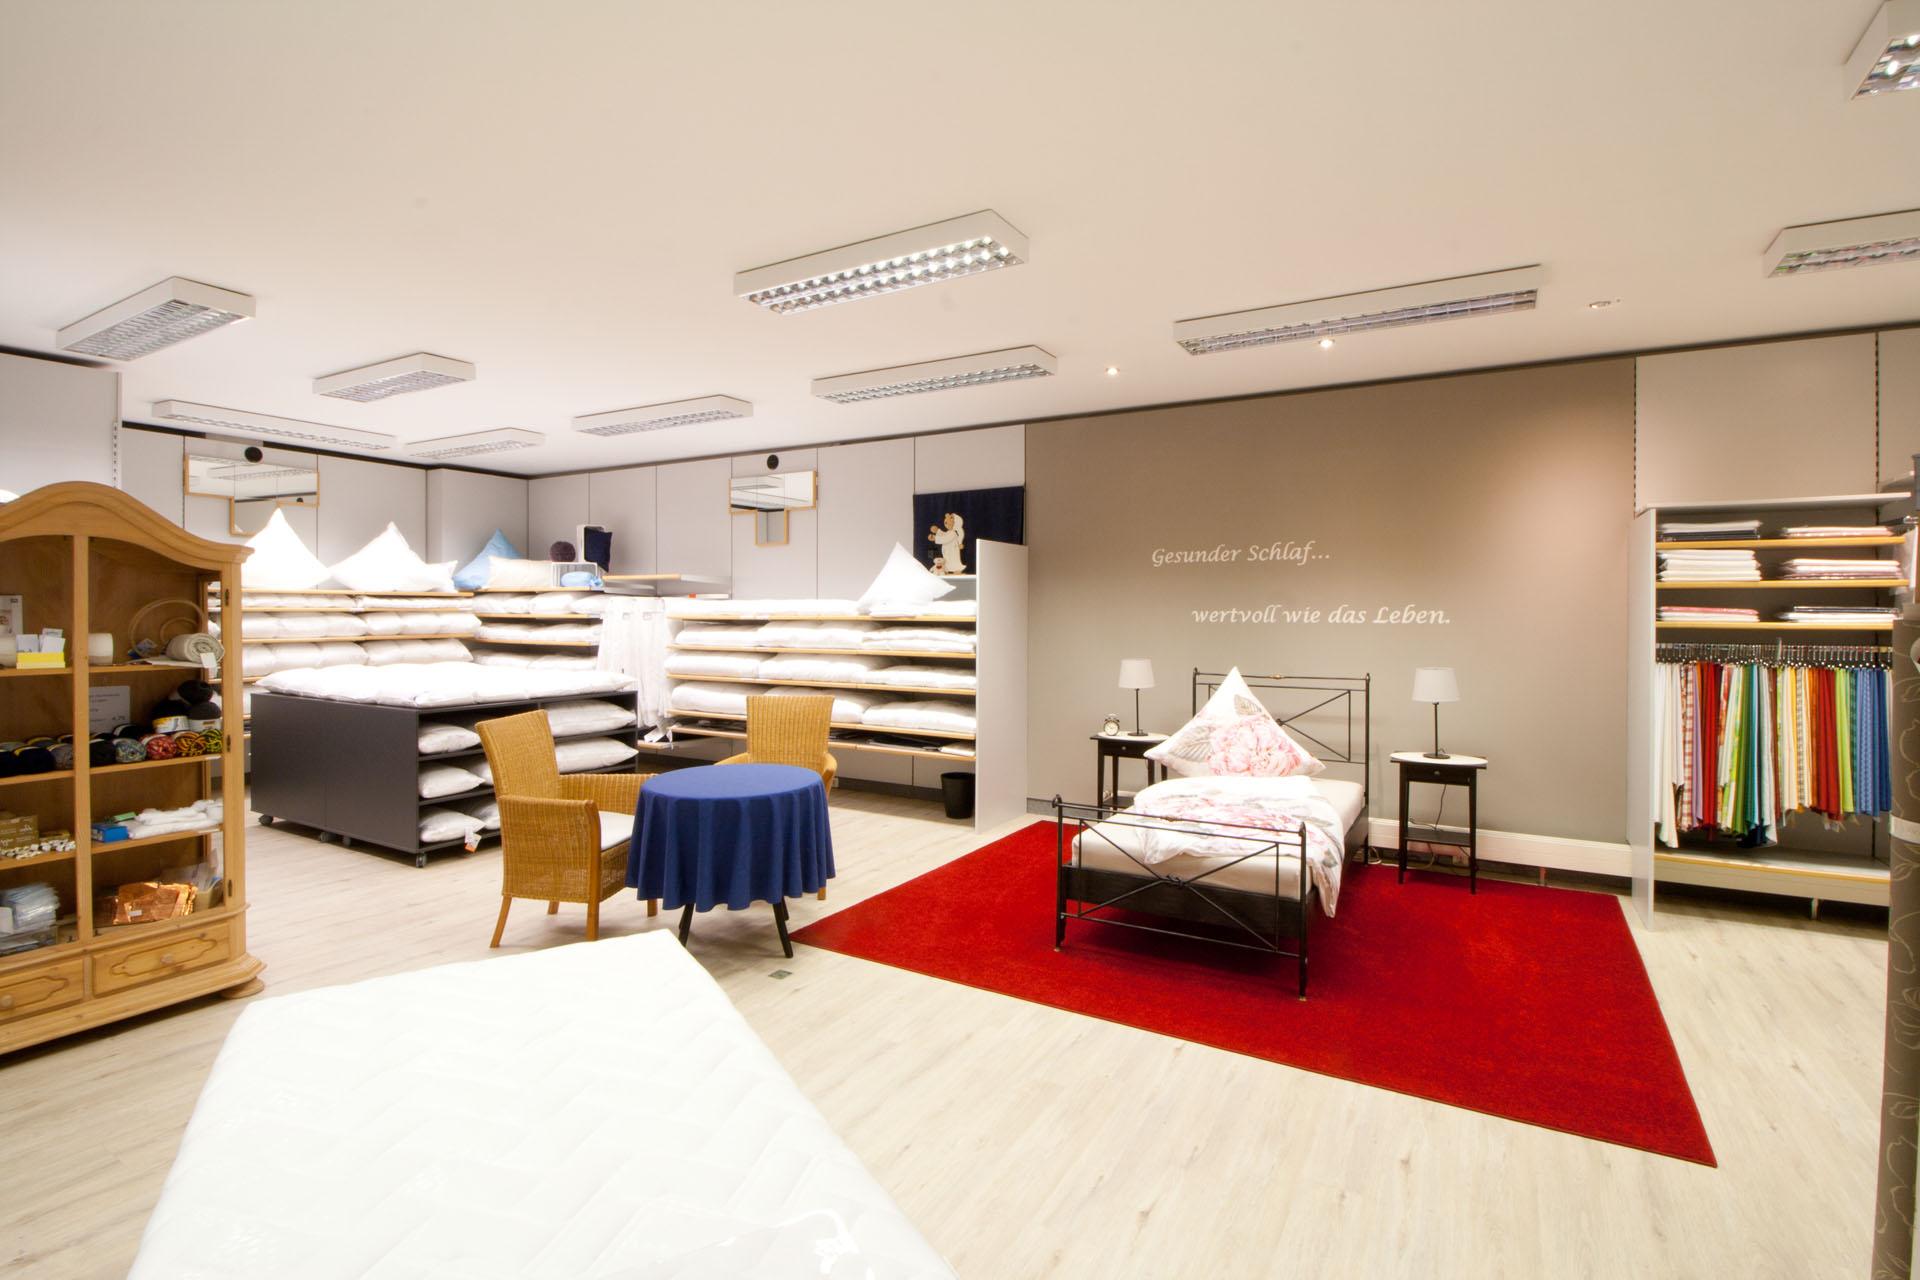 faszinierend tagesdecken f r betten bild erindzain. Black Bedroom Furniture Sets. Home Design Ideas